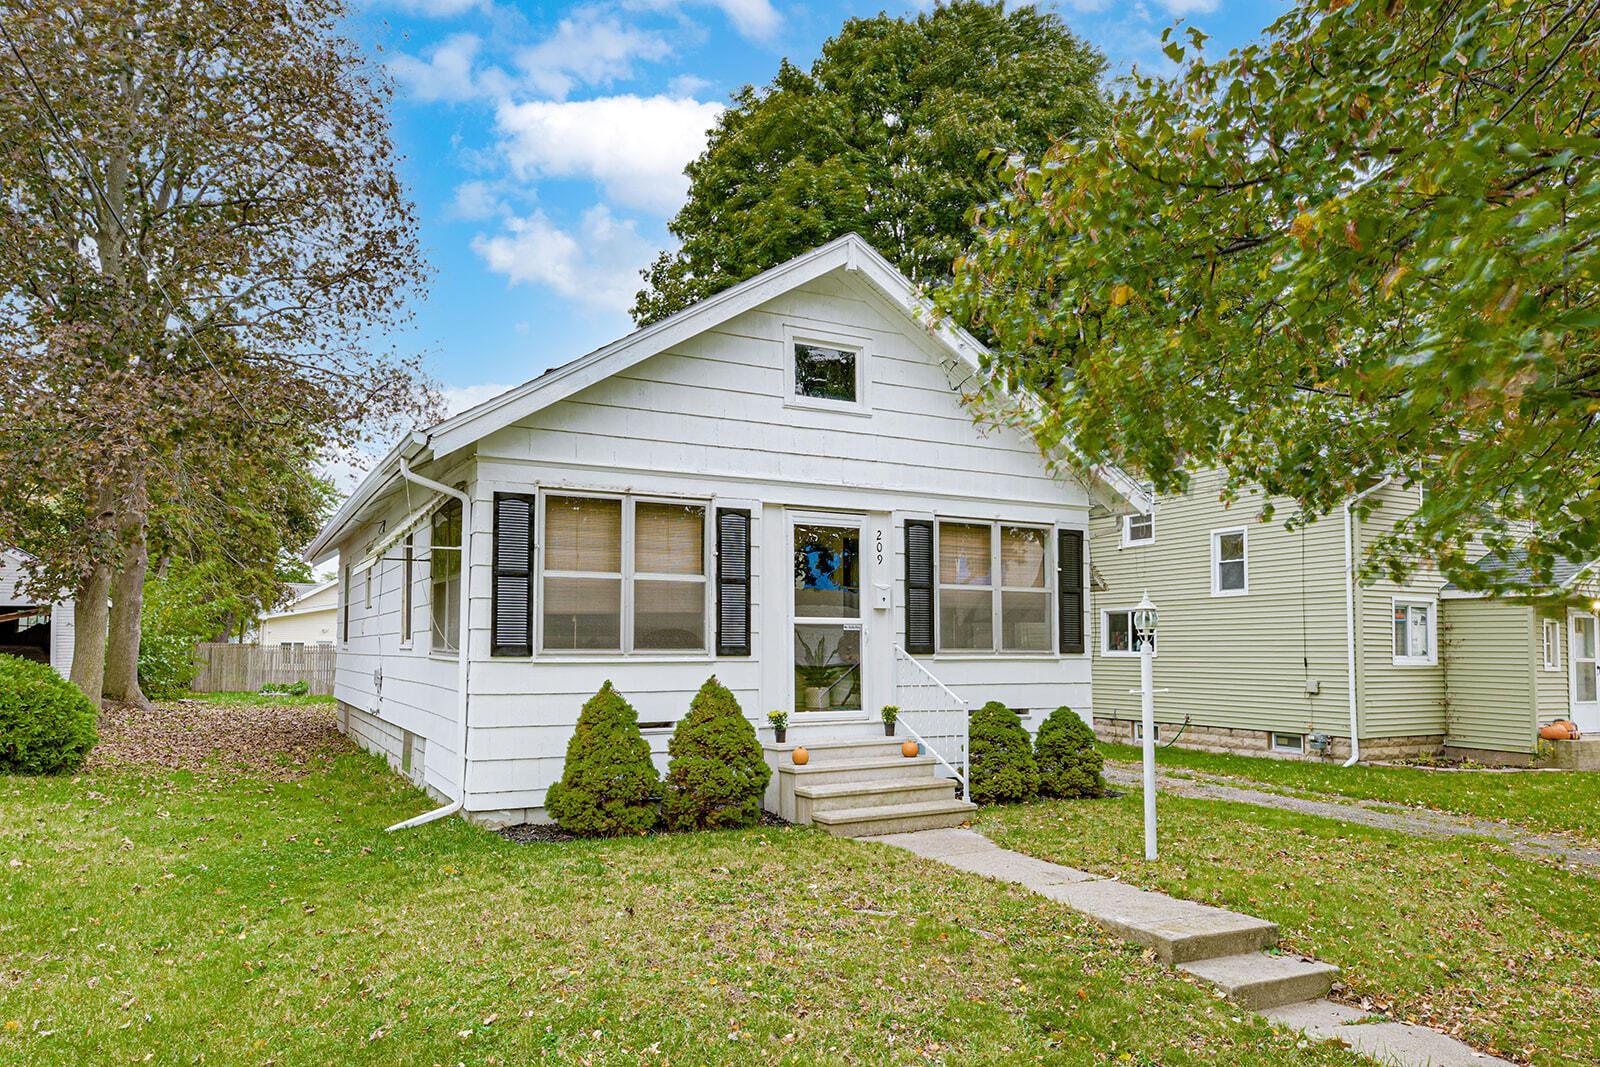 209 N Brown Street, Jackson, MI 49202 - MLS#: 21100491